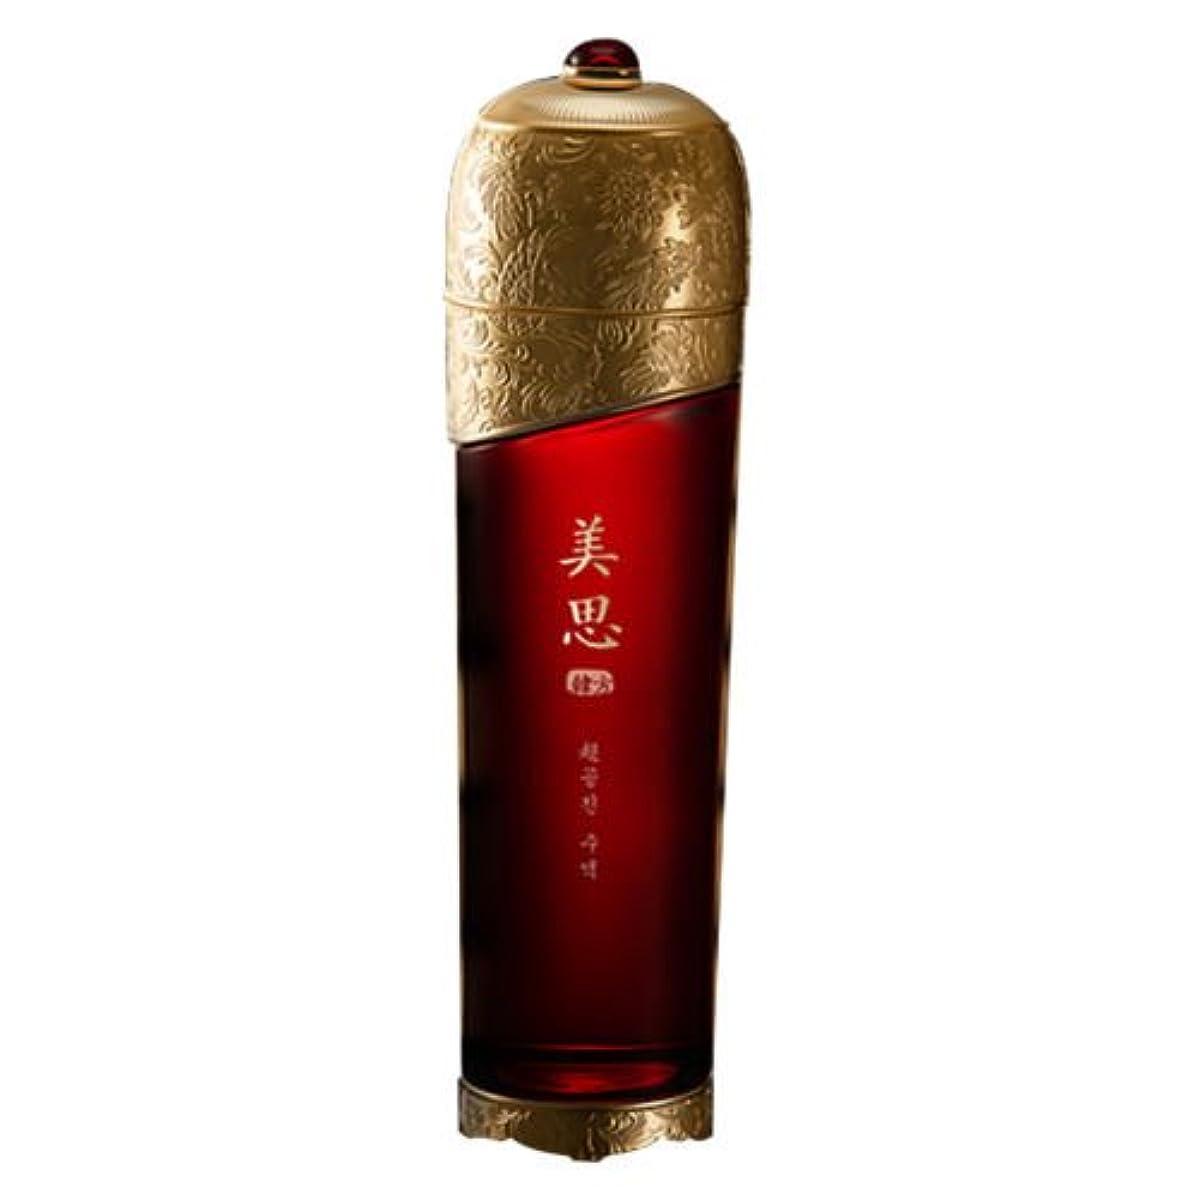 シリンダー散歩発生するMISSHA(ミシャ)美思 韓方 旧チョボヤン (超)チョゴンジン 化粧水 基礎化粧品 スキンケア